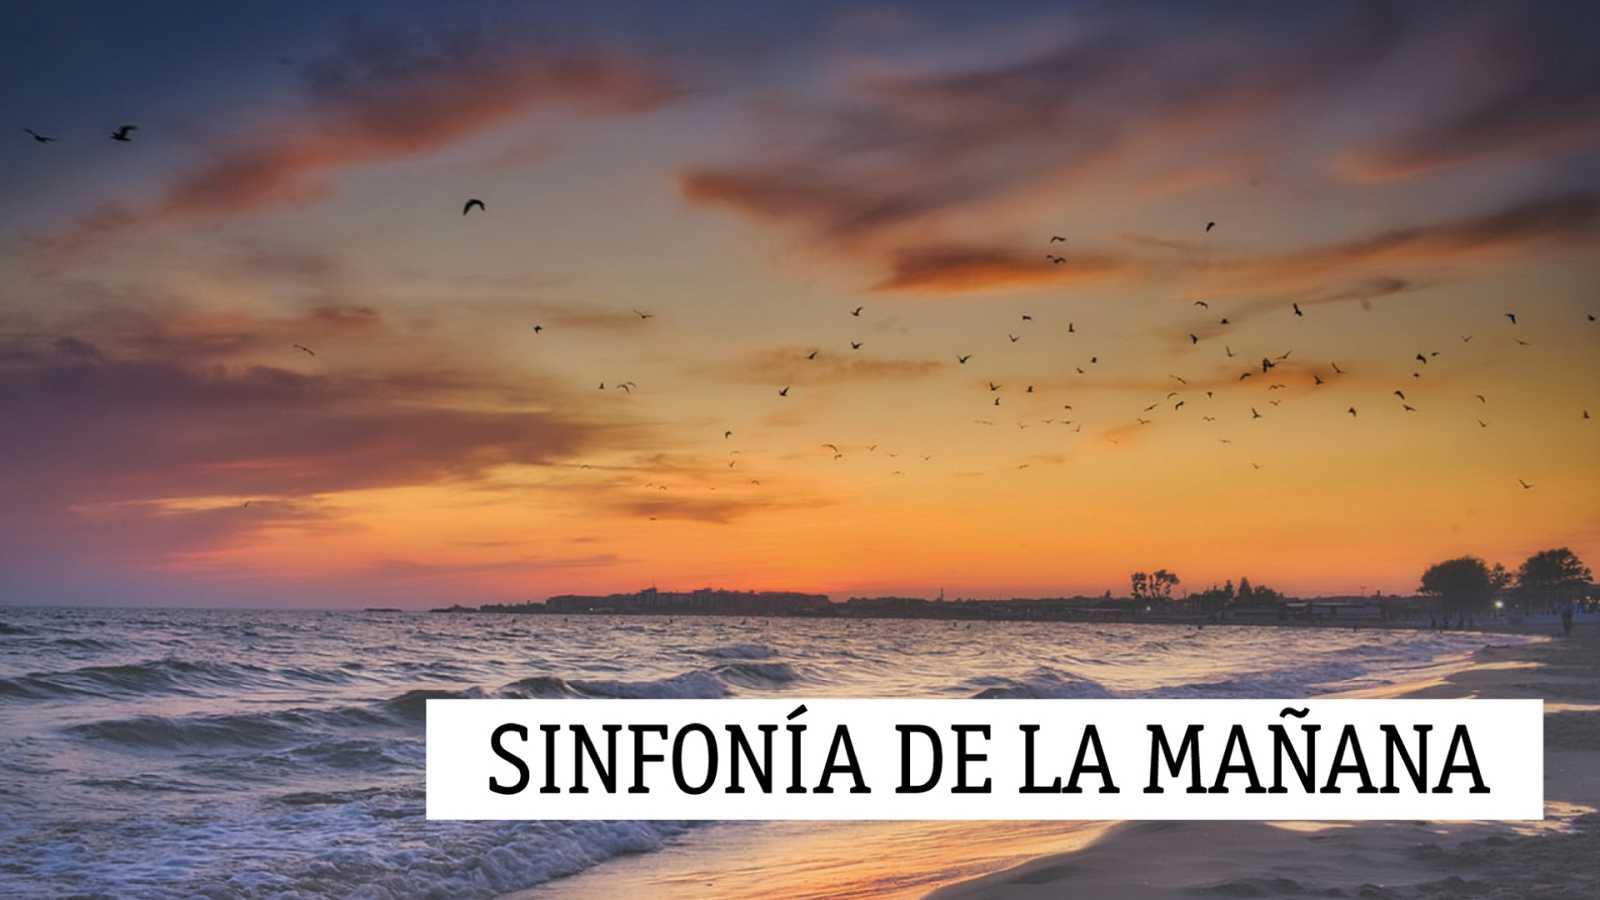 Sinfonía de la mañana - Mozart y el Clarinete (Cristo Barrios) - 25/02/21 - escuchar ahora